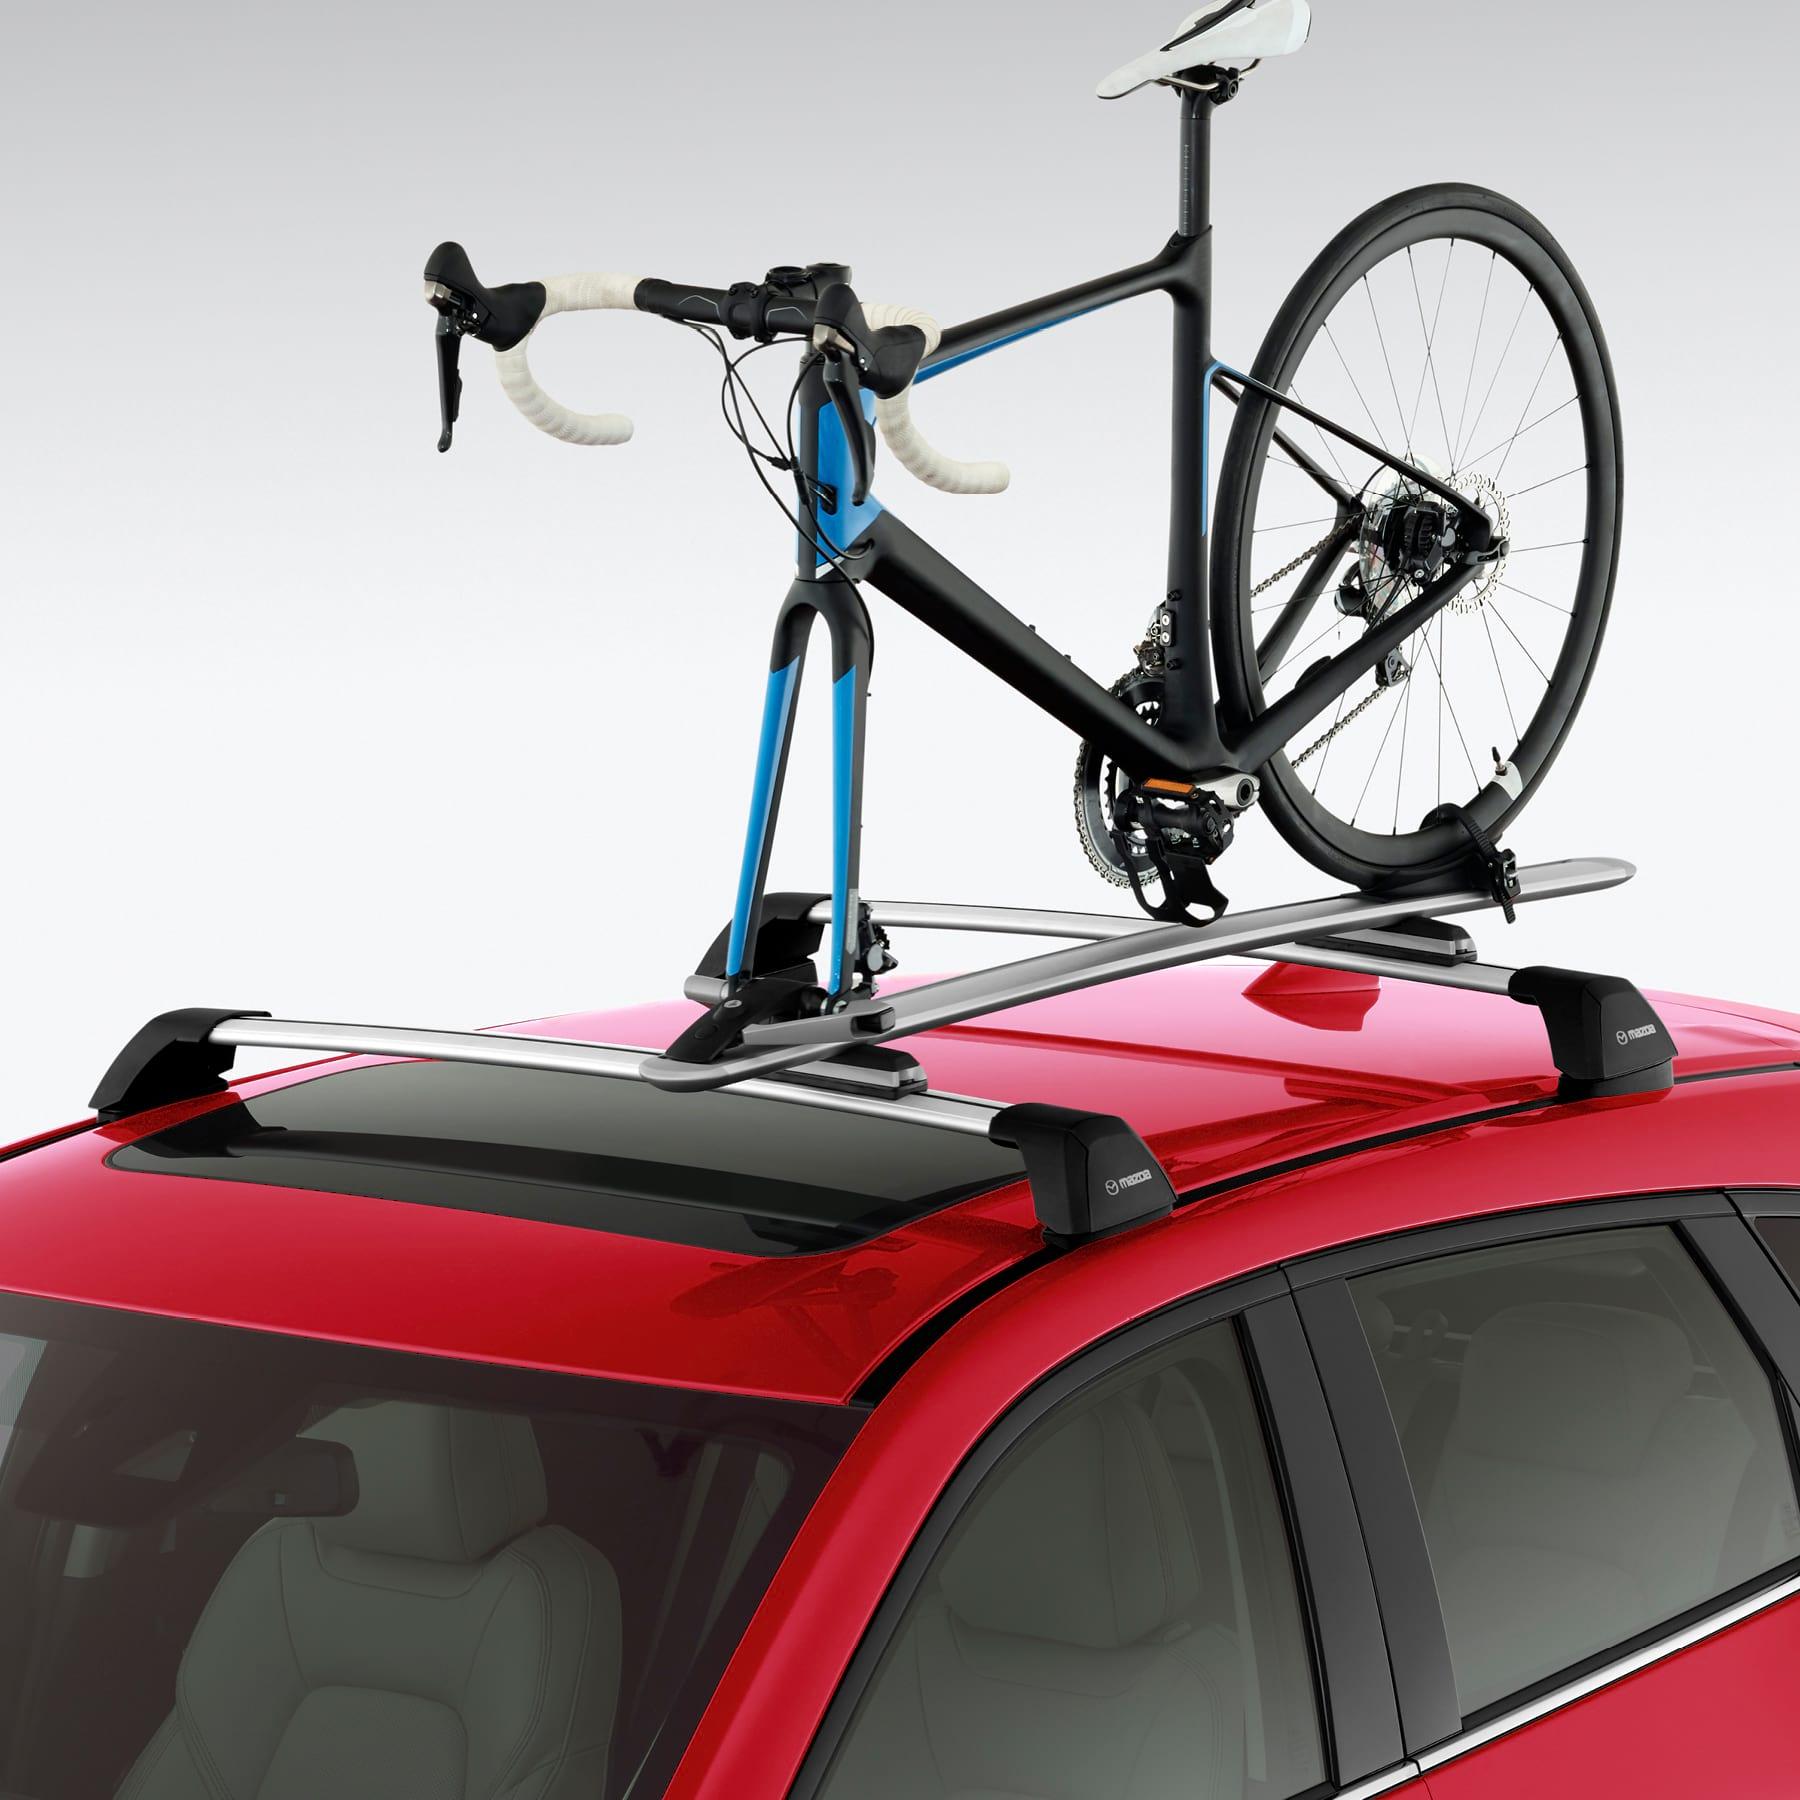 Bike Rack Wheel Off